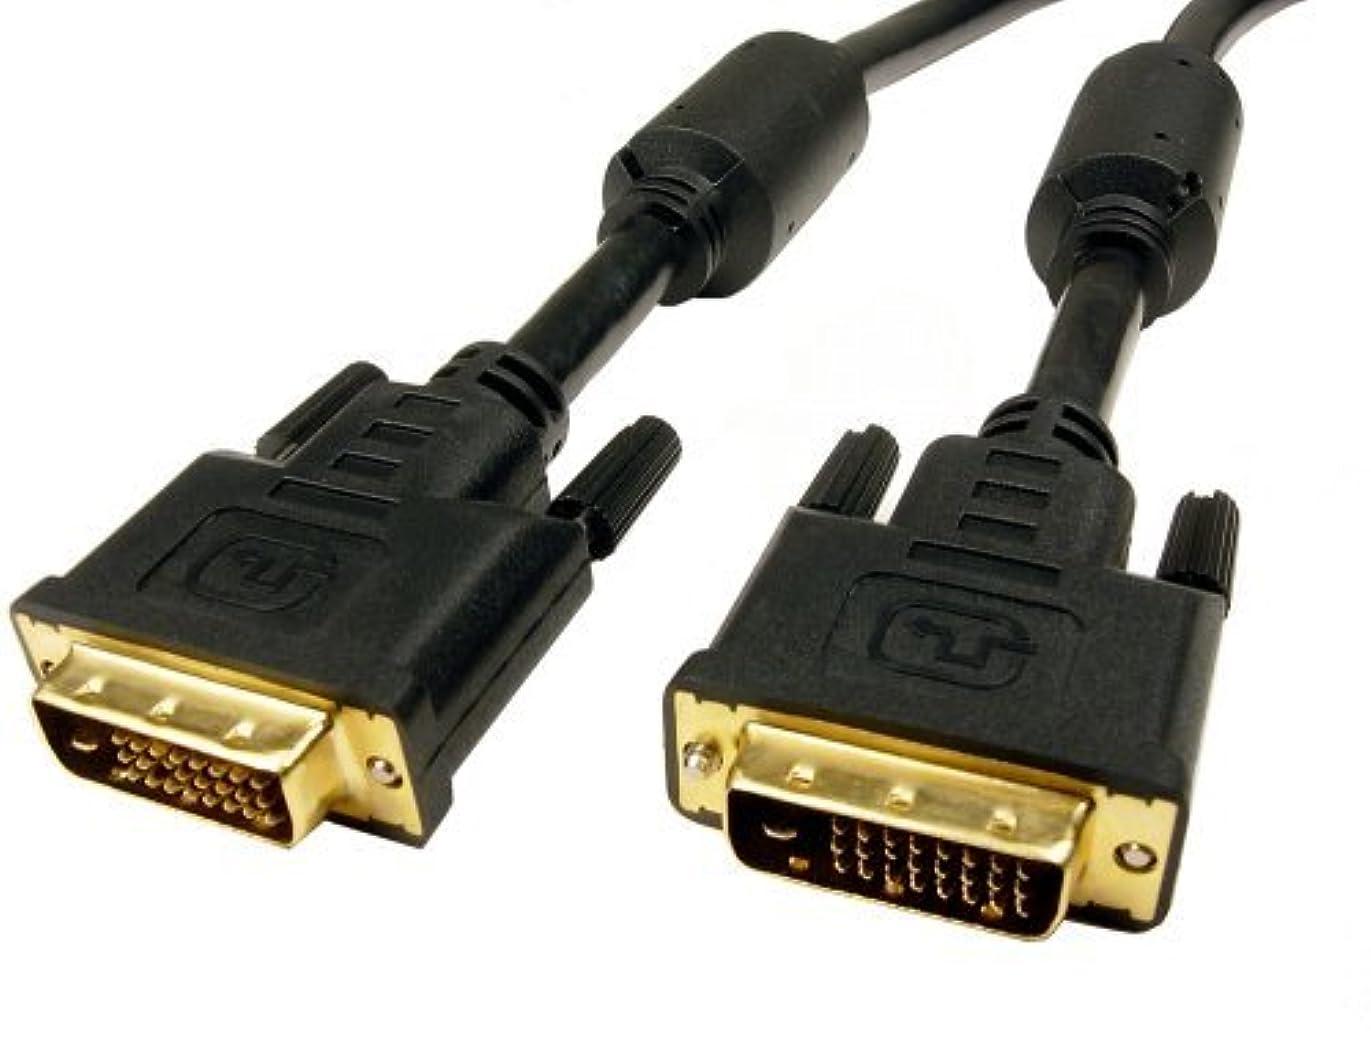 ロケットフライト巧みなCables Unlimited 6 feet DVI D M to M Dual Link Cable [並行輸入品]